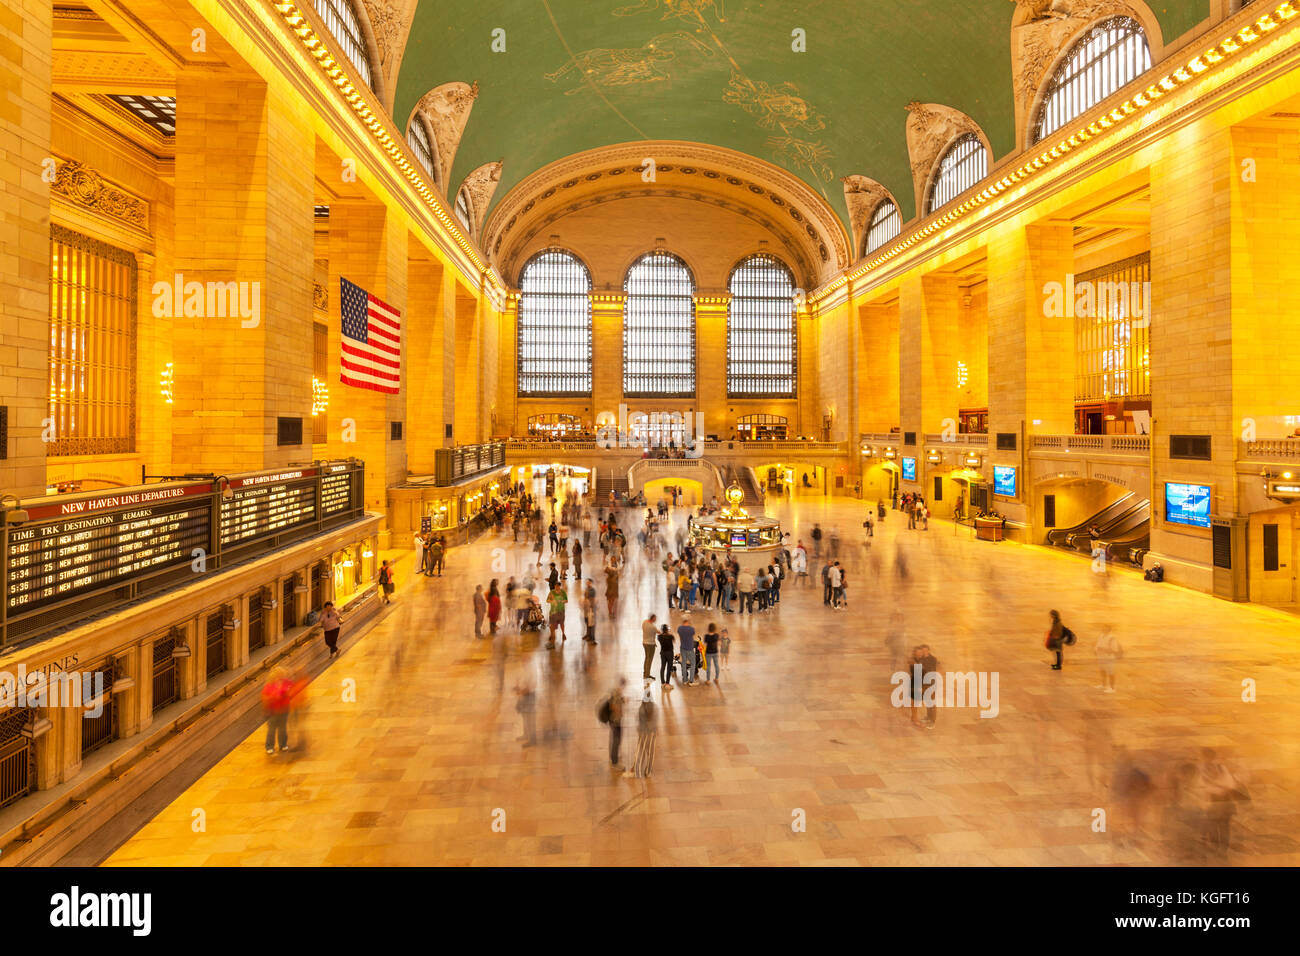 Grand Central Station Grand Central Terminal in New York USA New York Grand Central Terminal in New York City New Stockbild